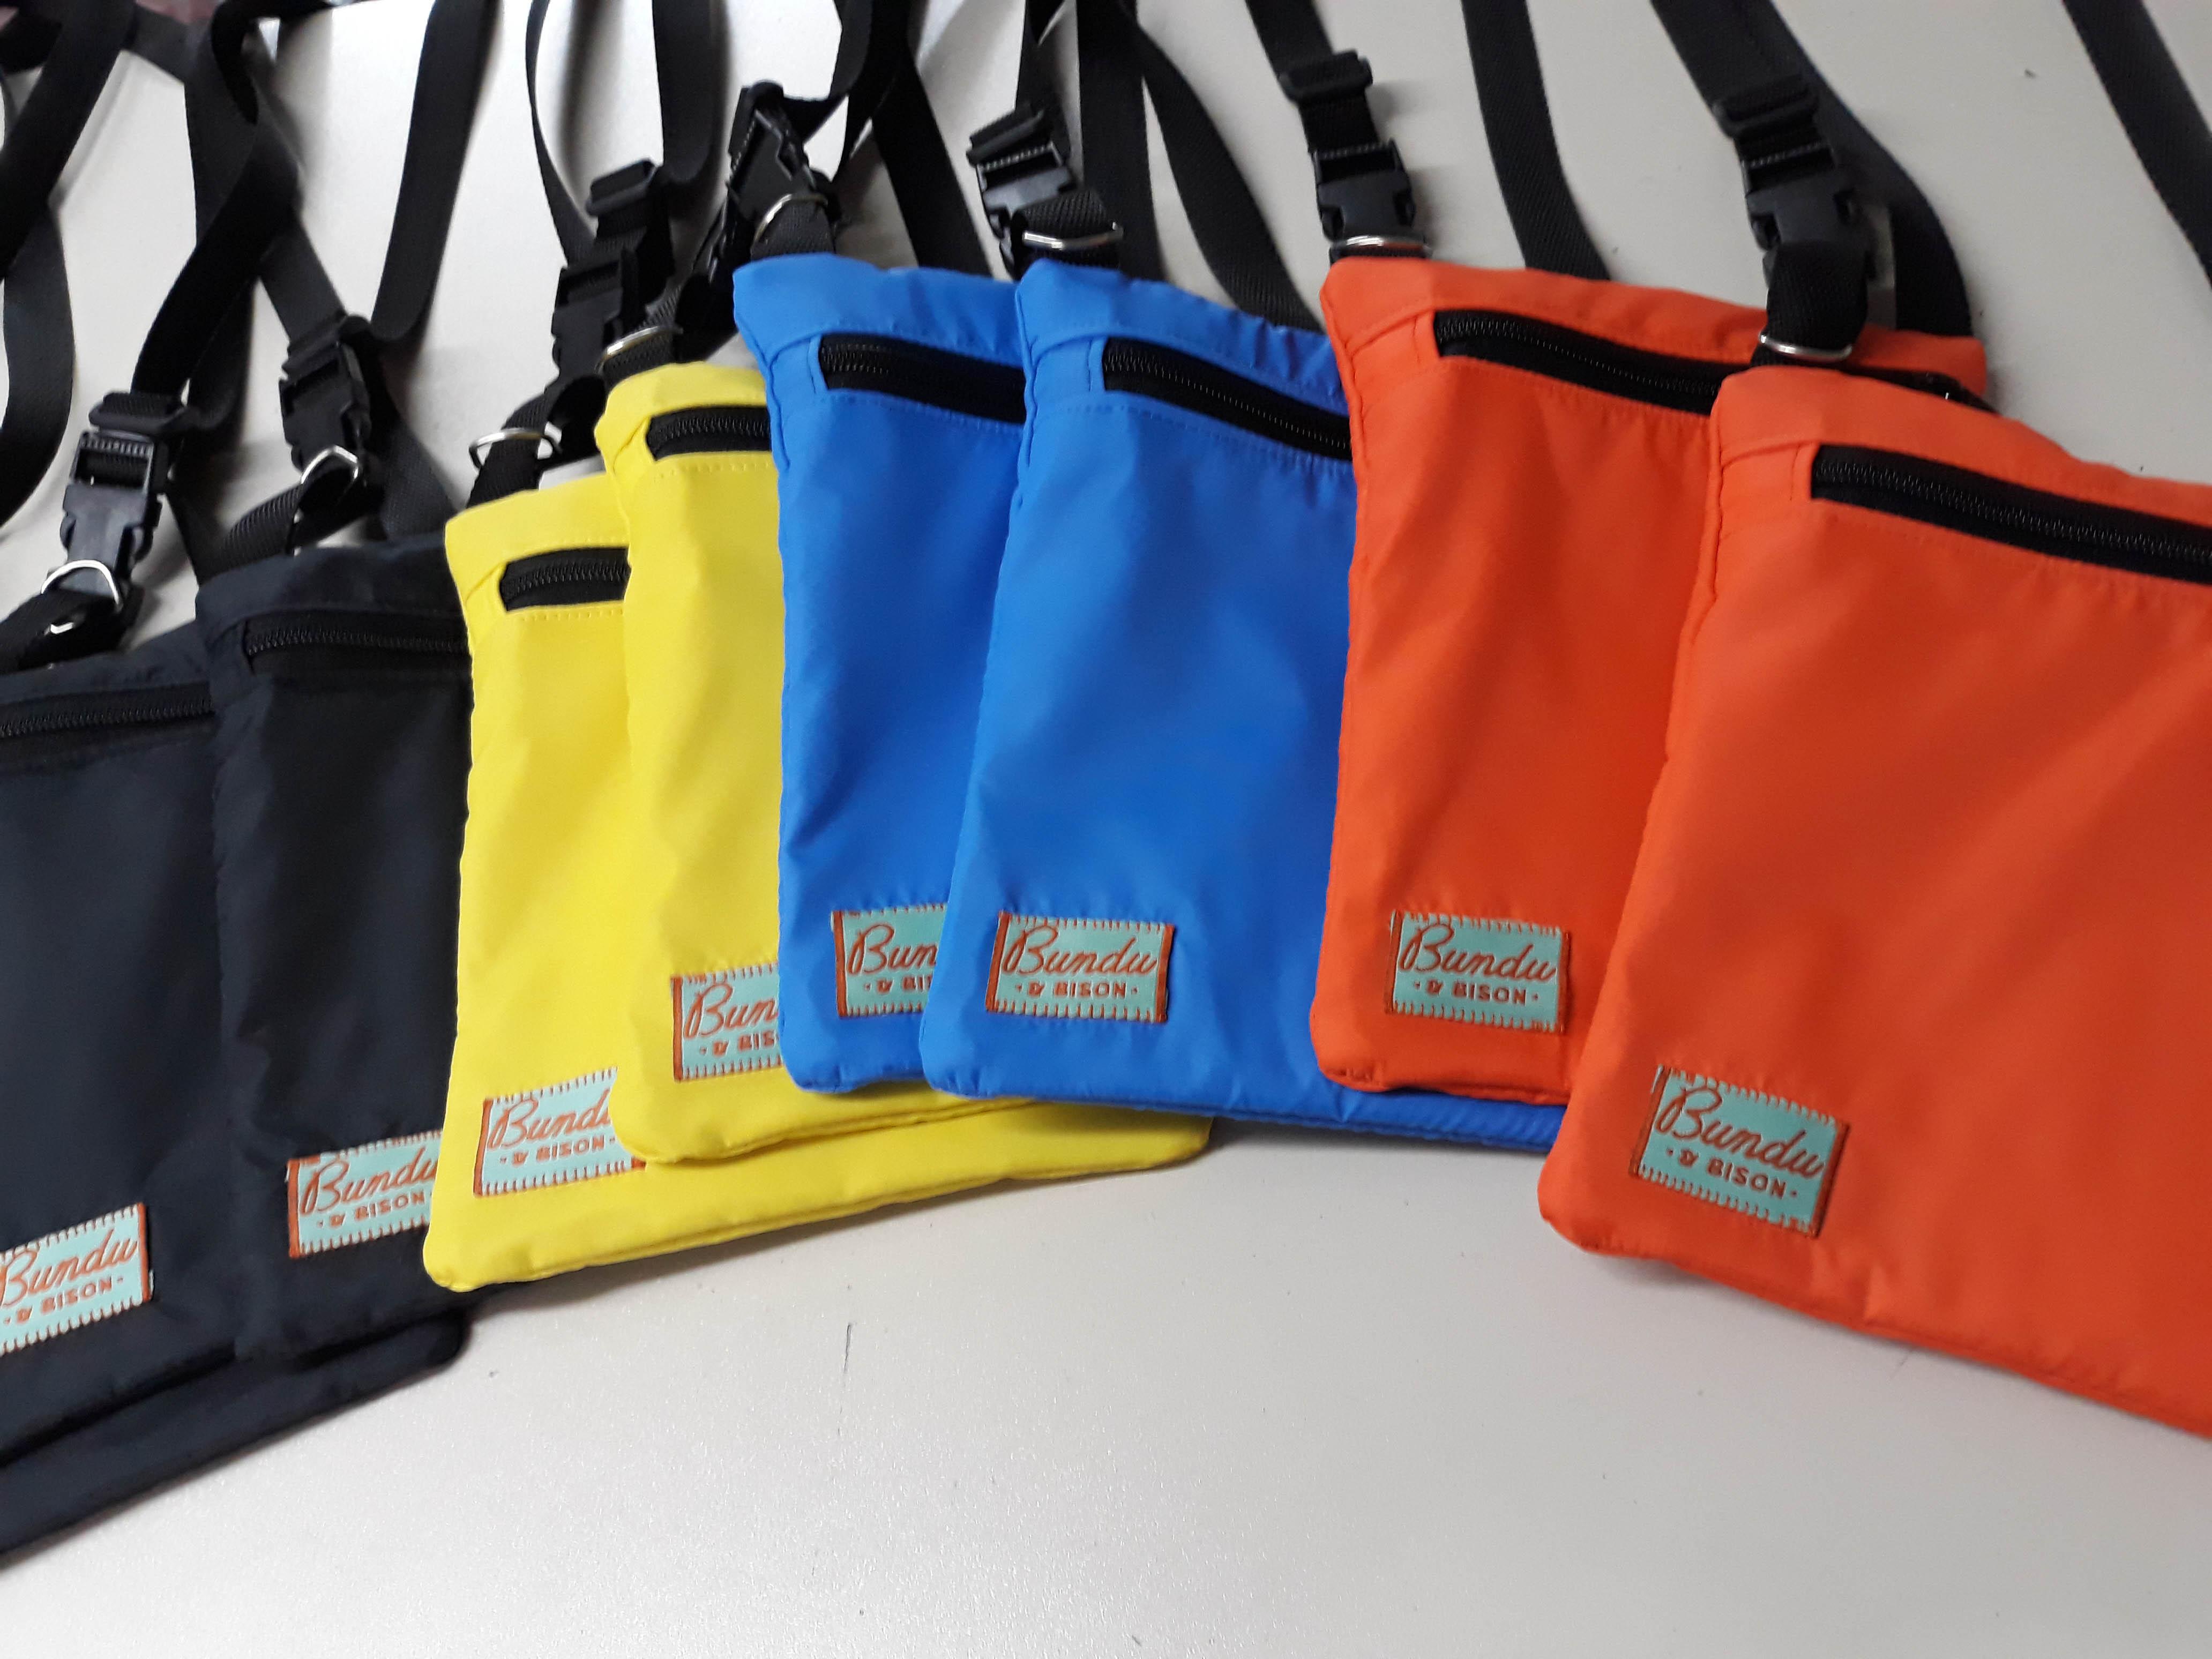 Bolsos Double Bag Magalilagam